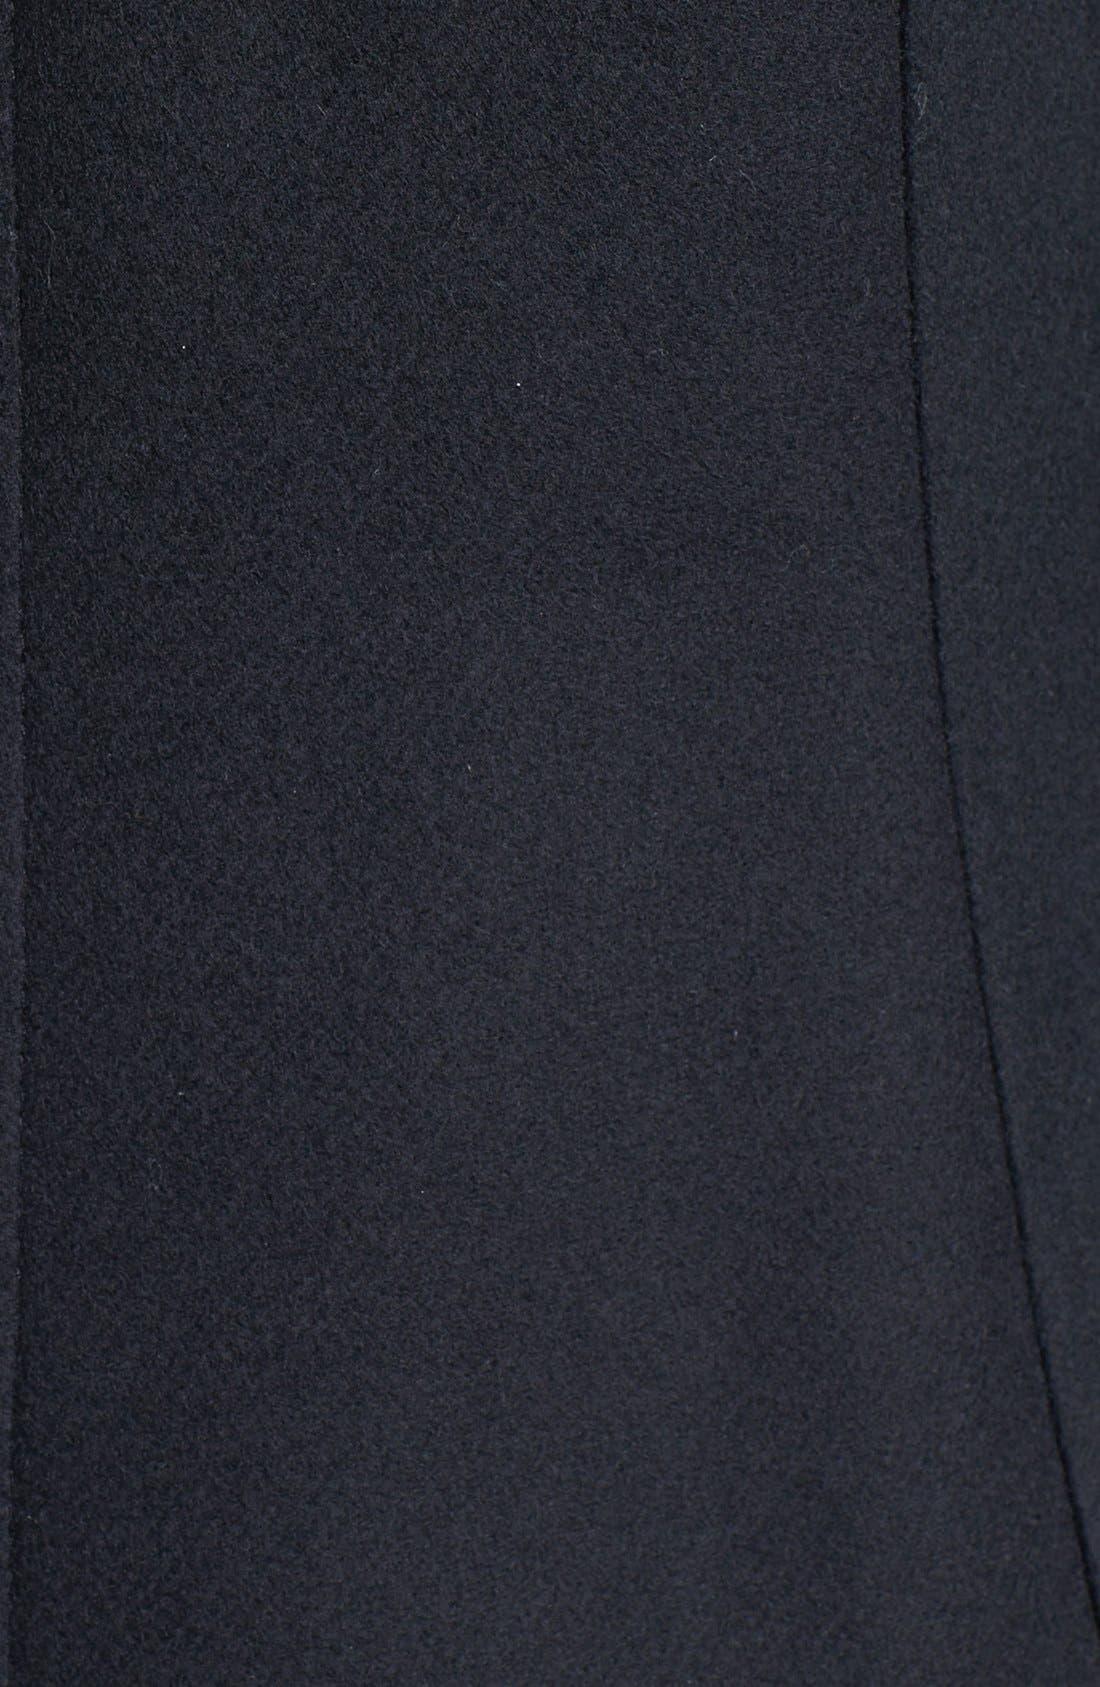 Alternate Image 3  - Kristen Blake Hooded Wool Blend Duffle Coat (Nordstrom Exclusive)